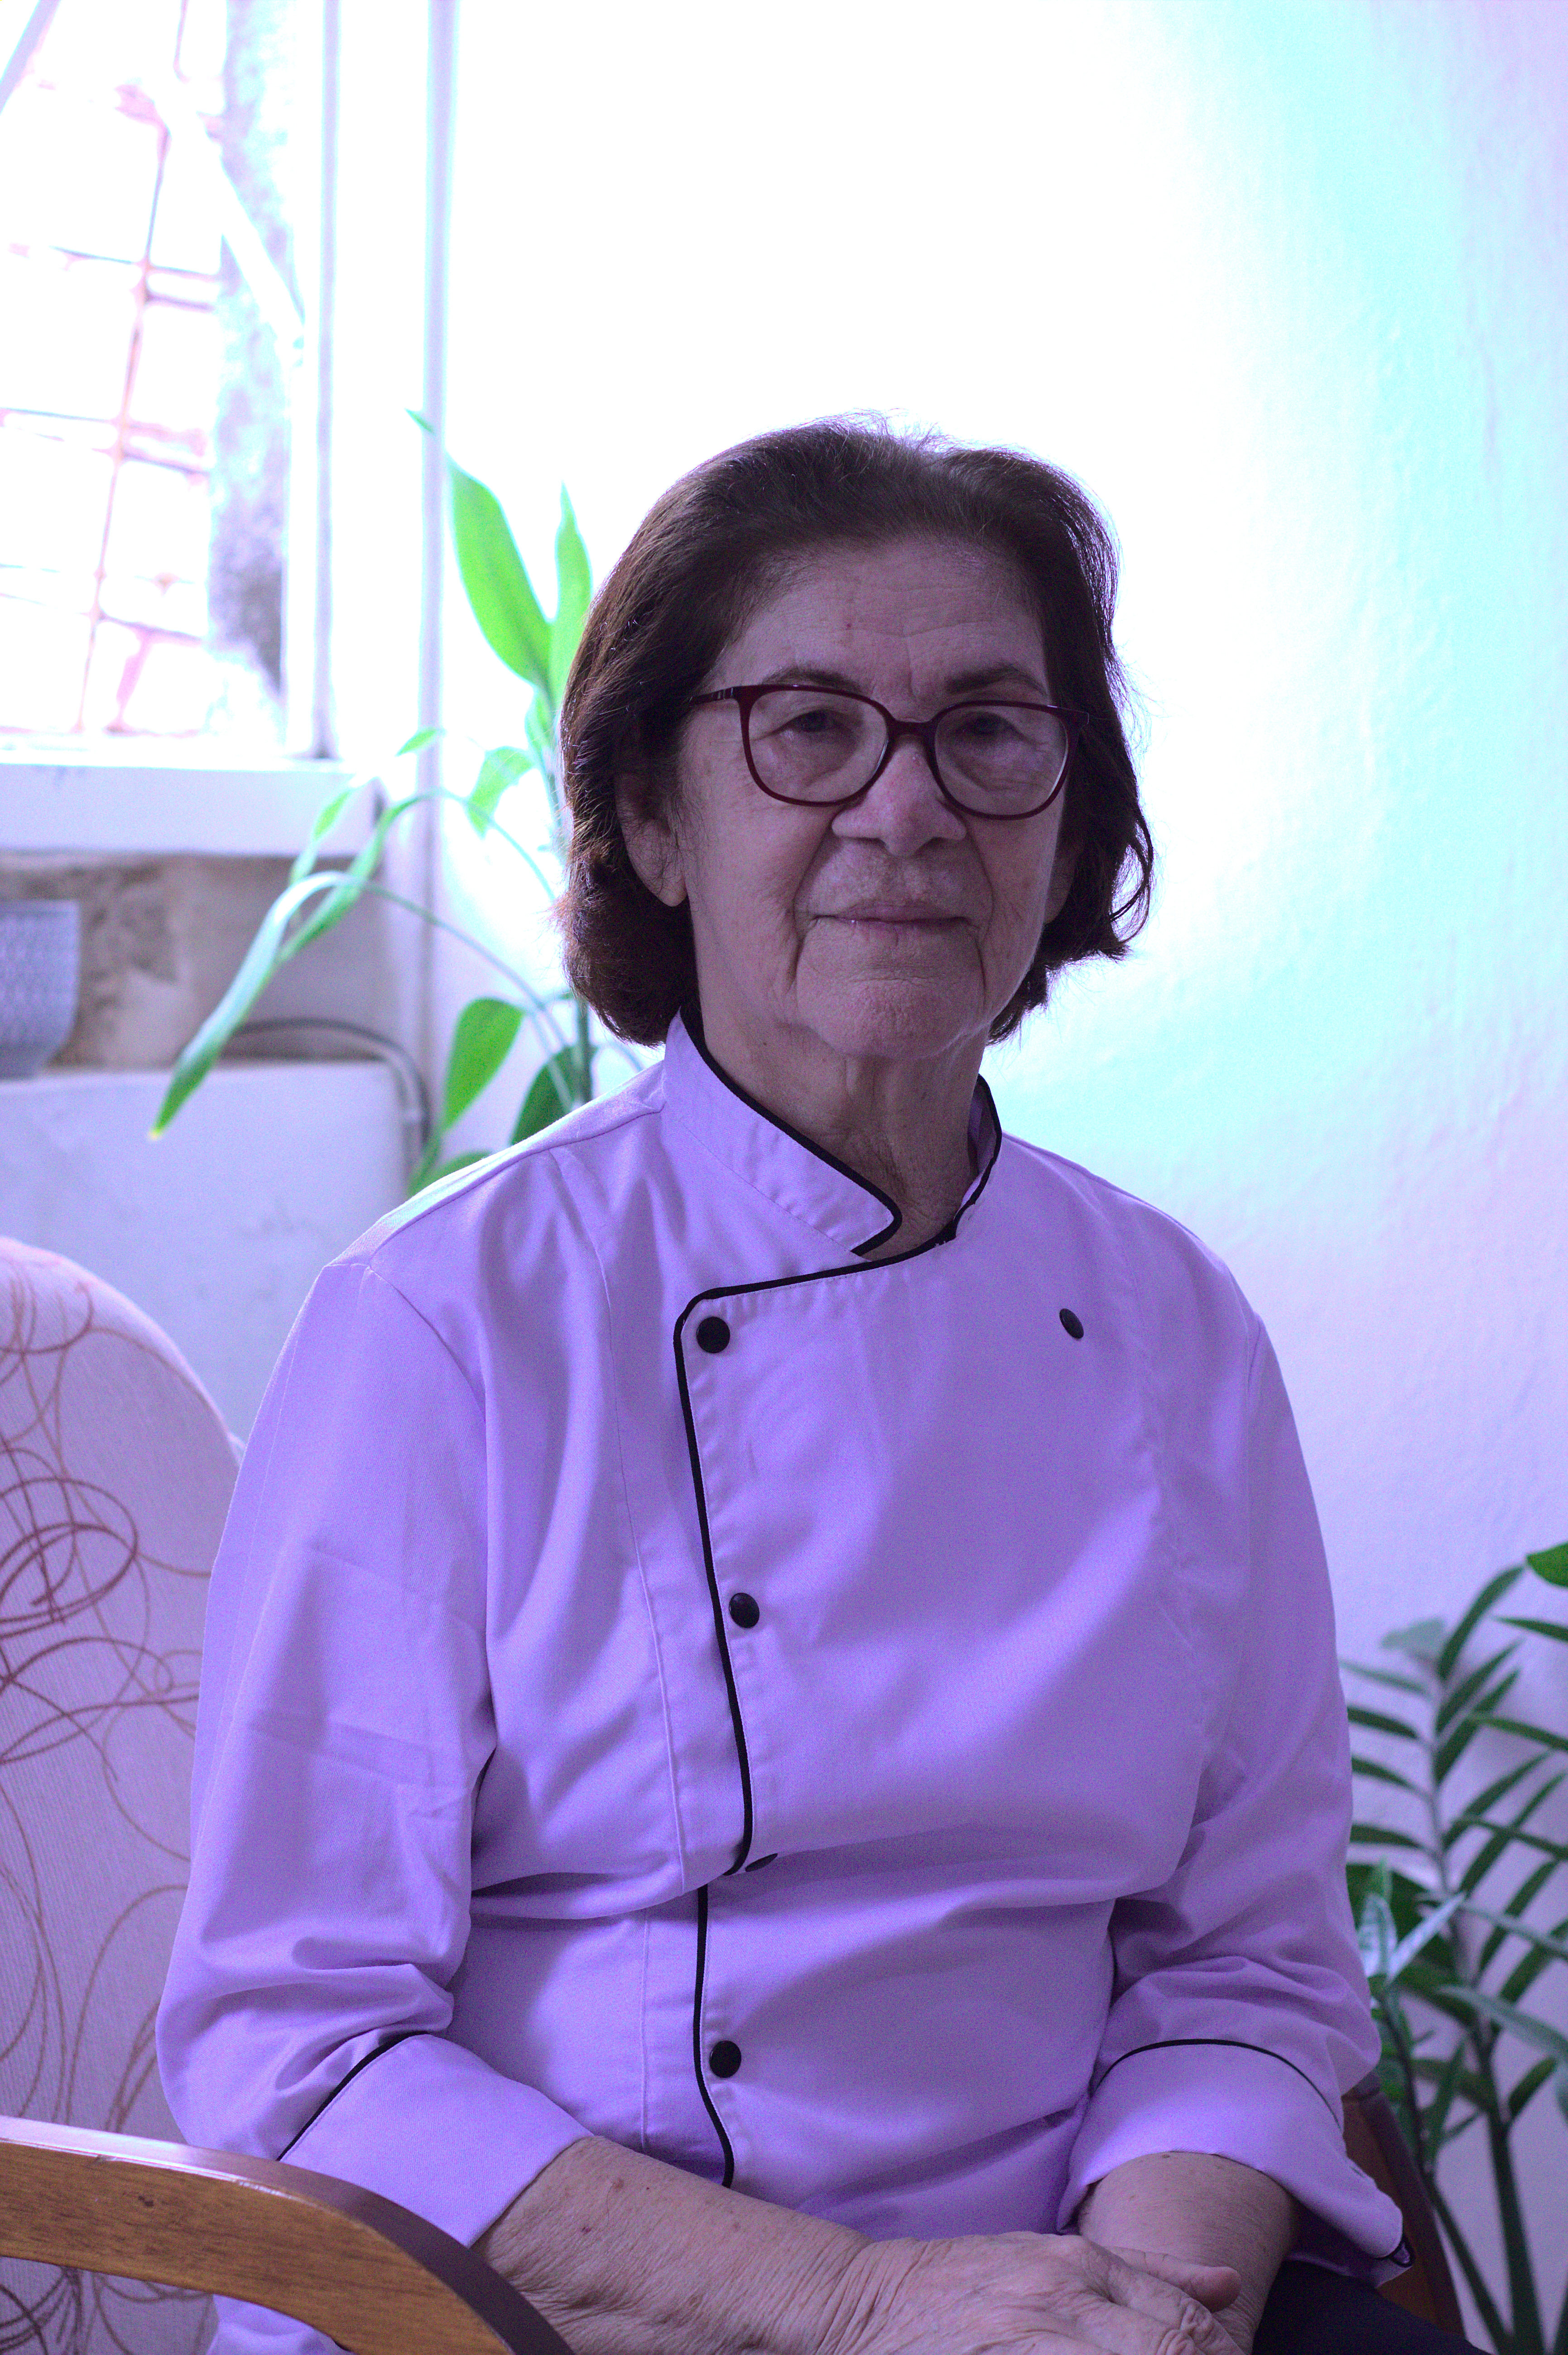 Cozinha no Pote, de Dona Arsene Amaral, é paixão pela comida traduzida em muito sabor